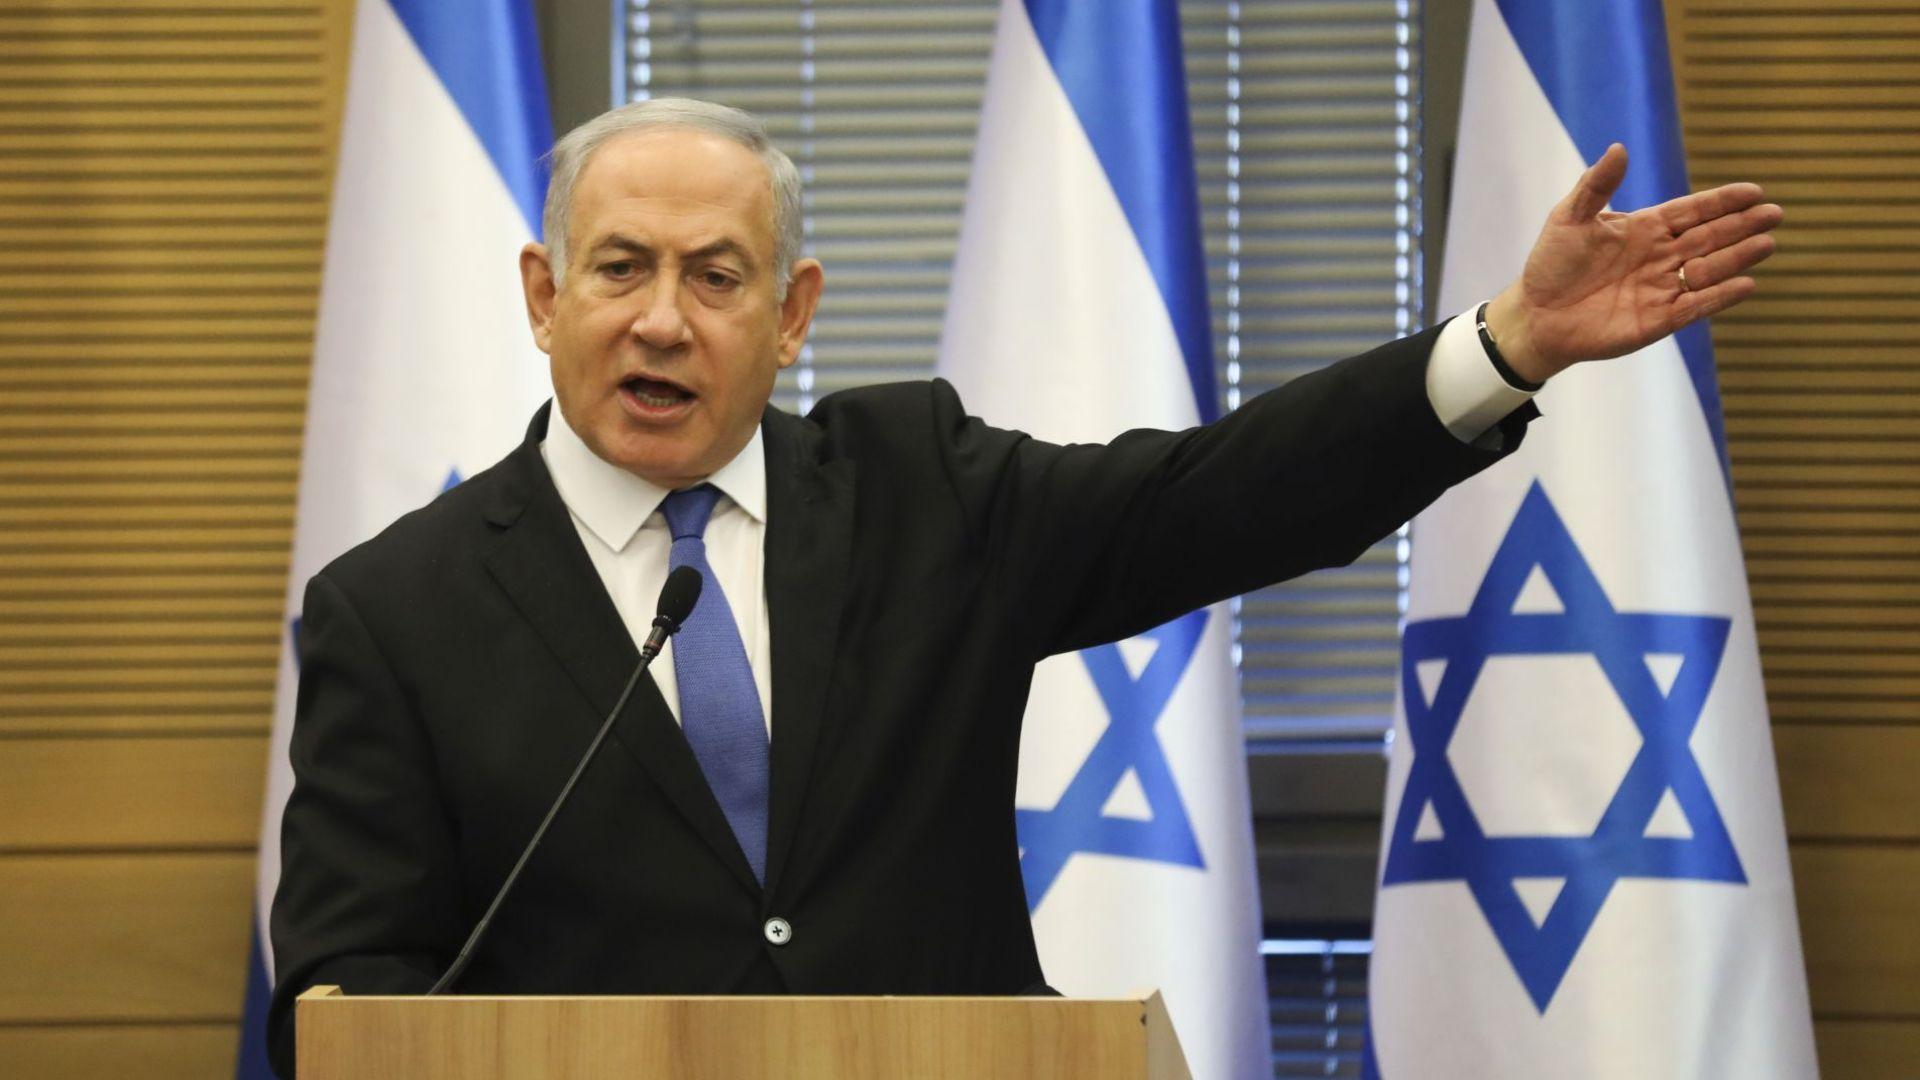 Главният прокурор на Израел Авишай Манделблит обяви днес, че е